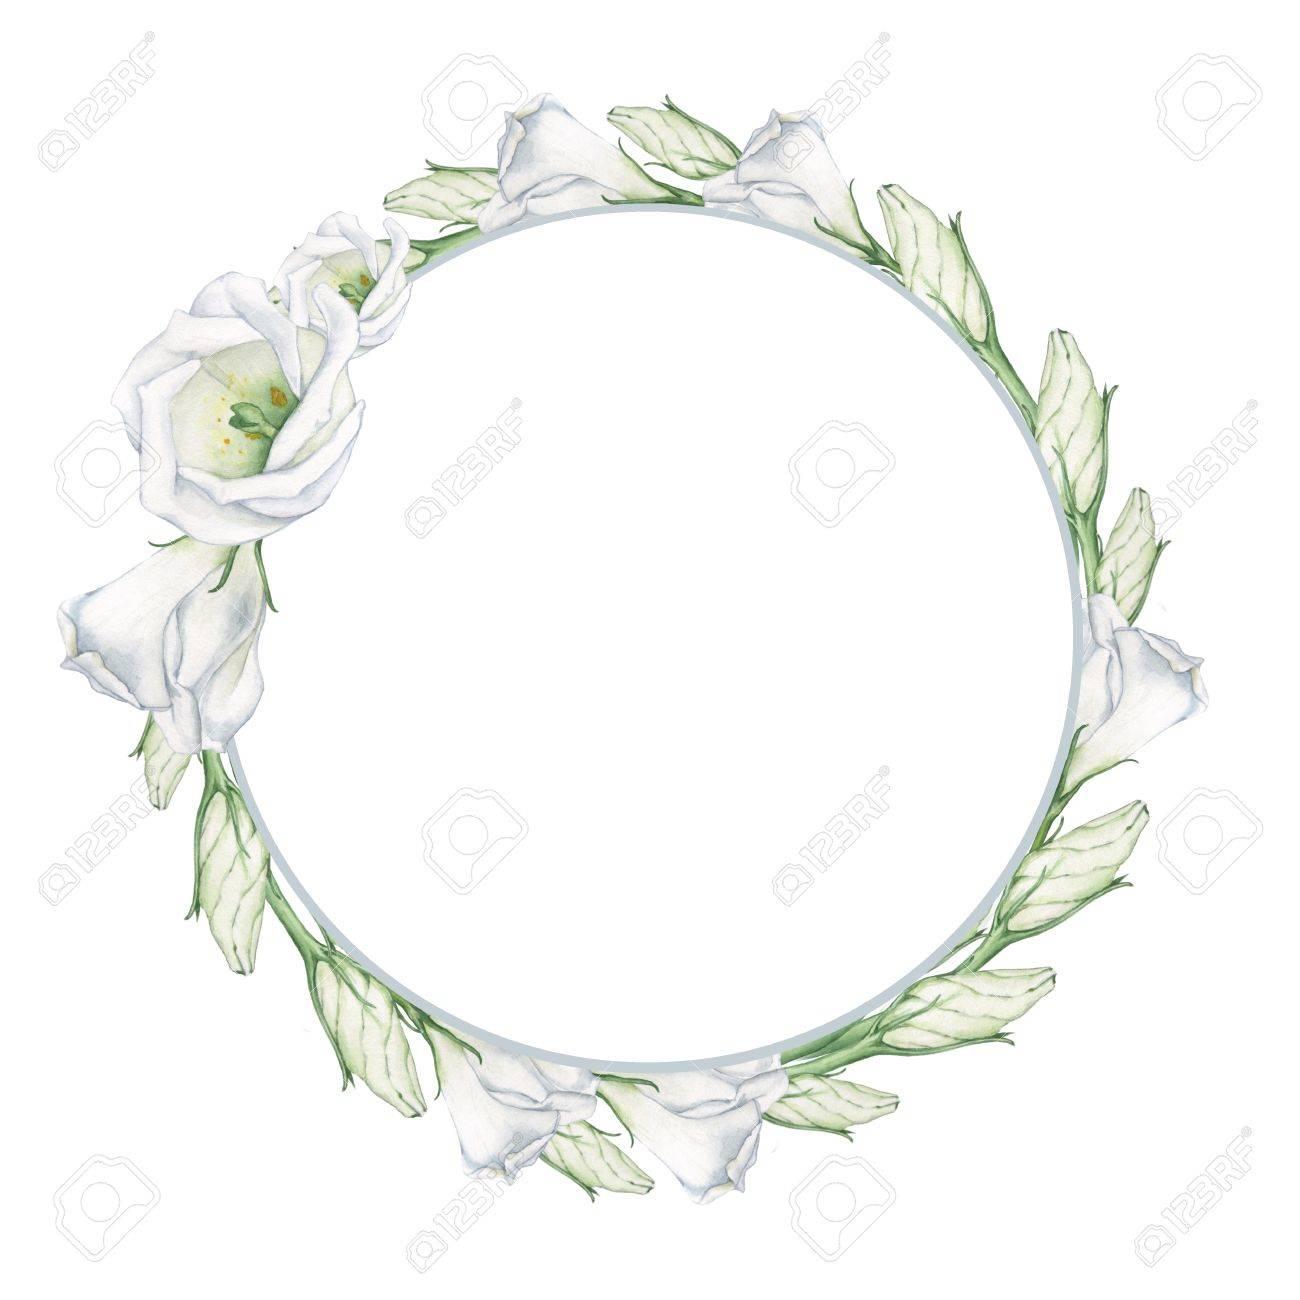 Fleurs blanches 4. Une couronne pour la décoration de cartes de mariage,  invitations et affiches. La peinture à l\u0027aquarelle. dessin à la main.